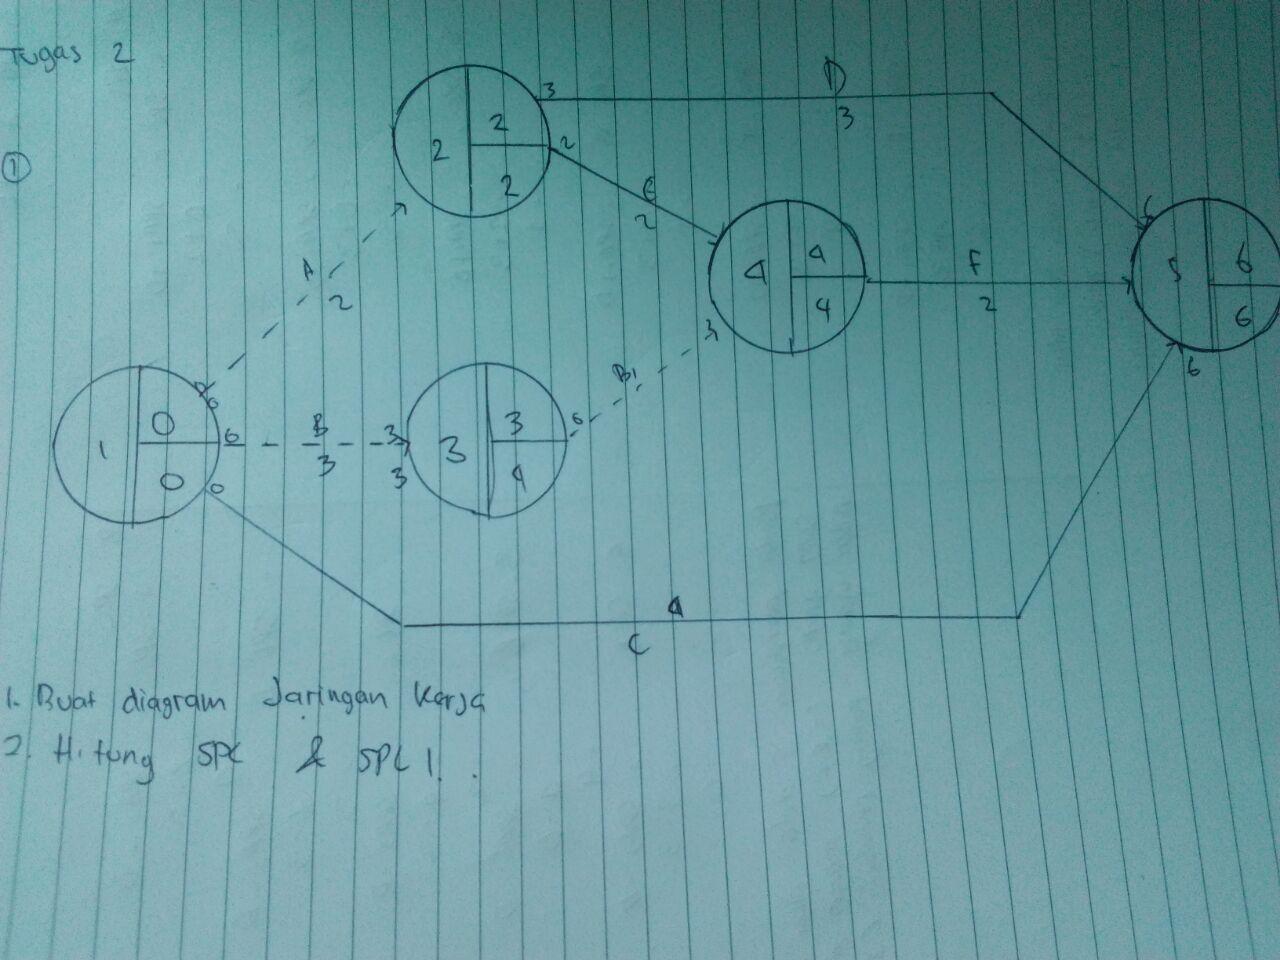 Perhitungan network jaringan kerja ardhis blog tugas 2 diagram ccuart Images